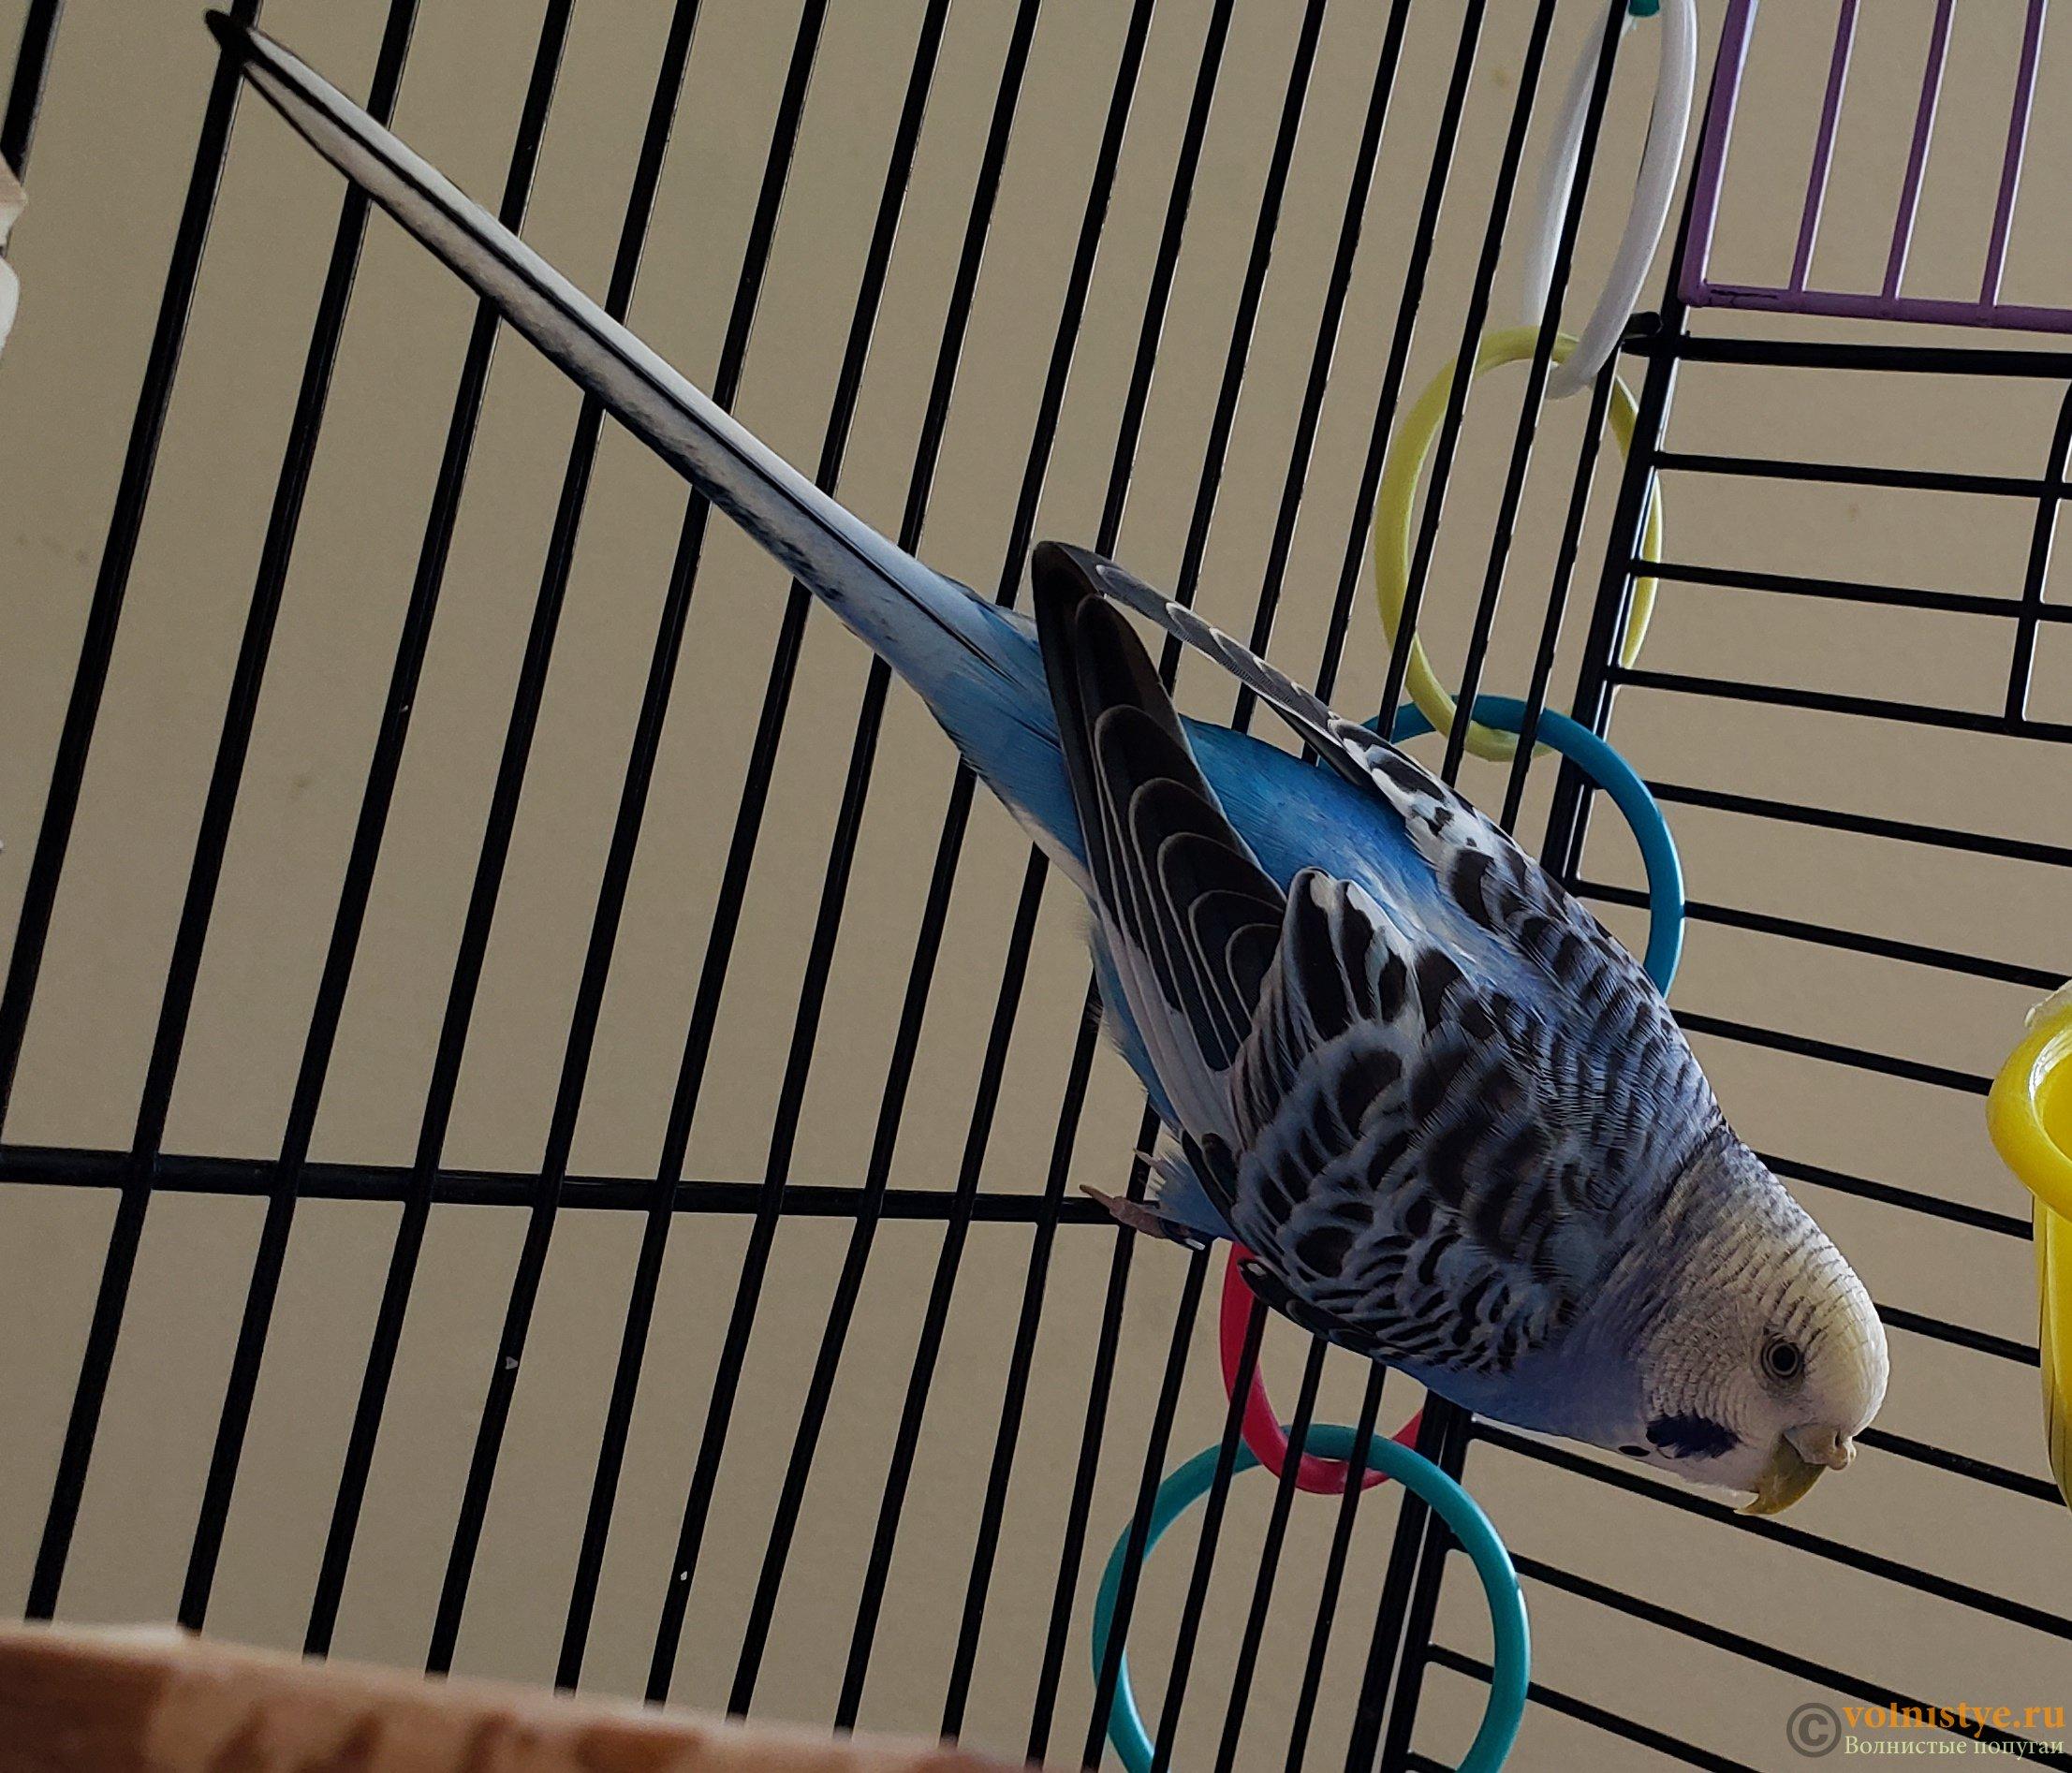 по-настоящему построить расцветки волнистых попугайчиков фото лето приезжает много